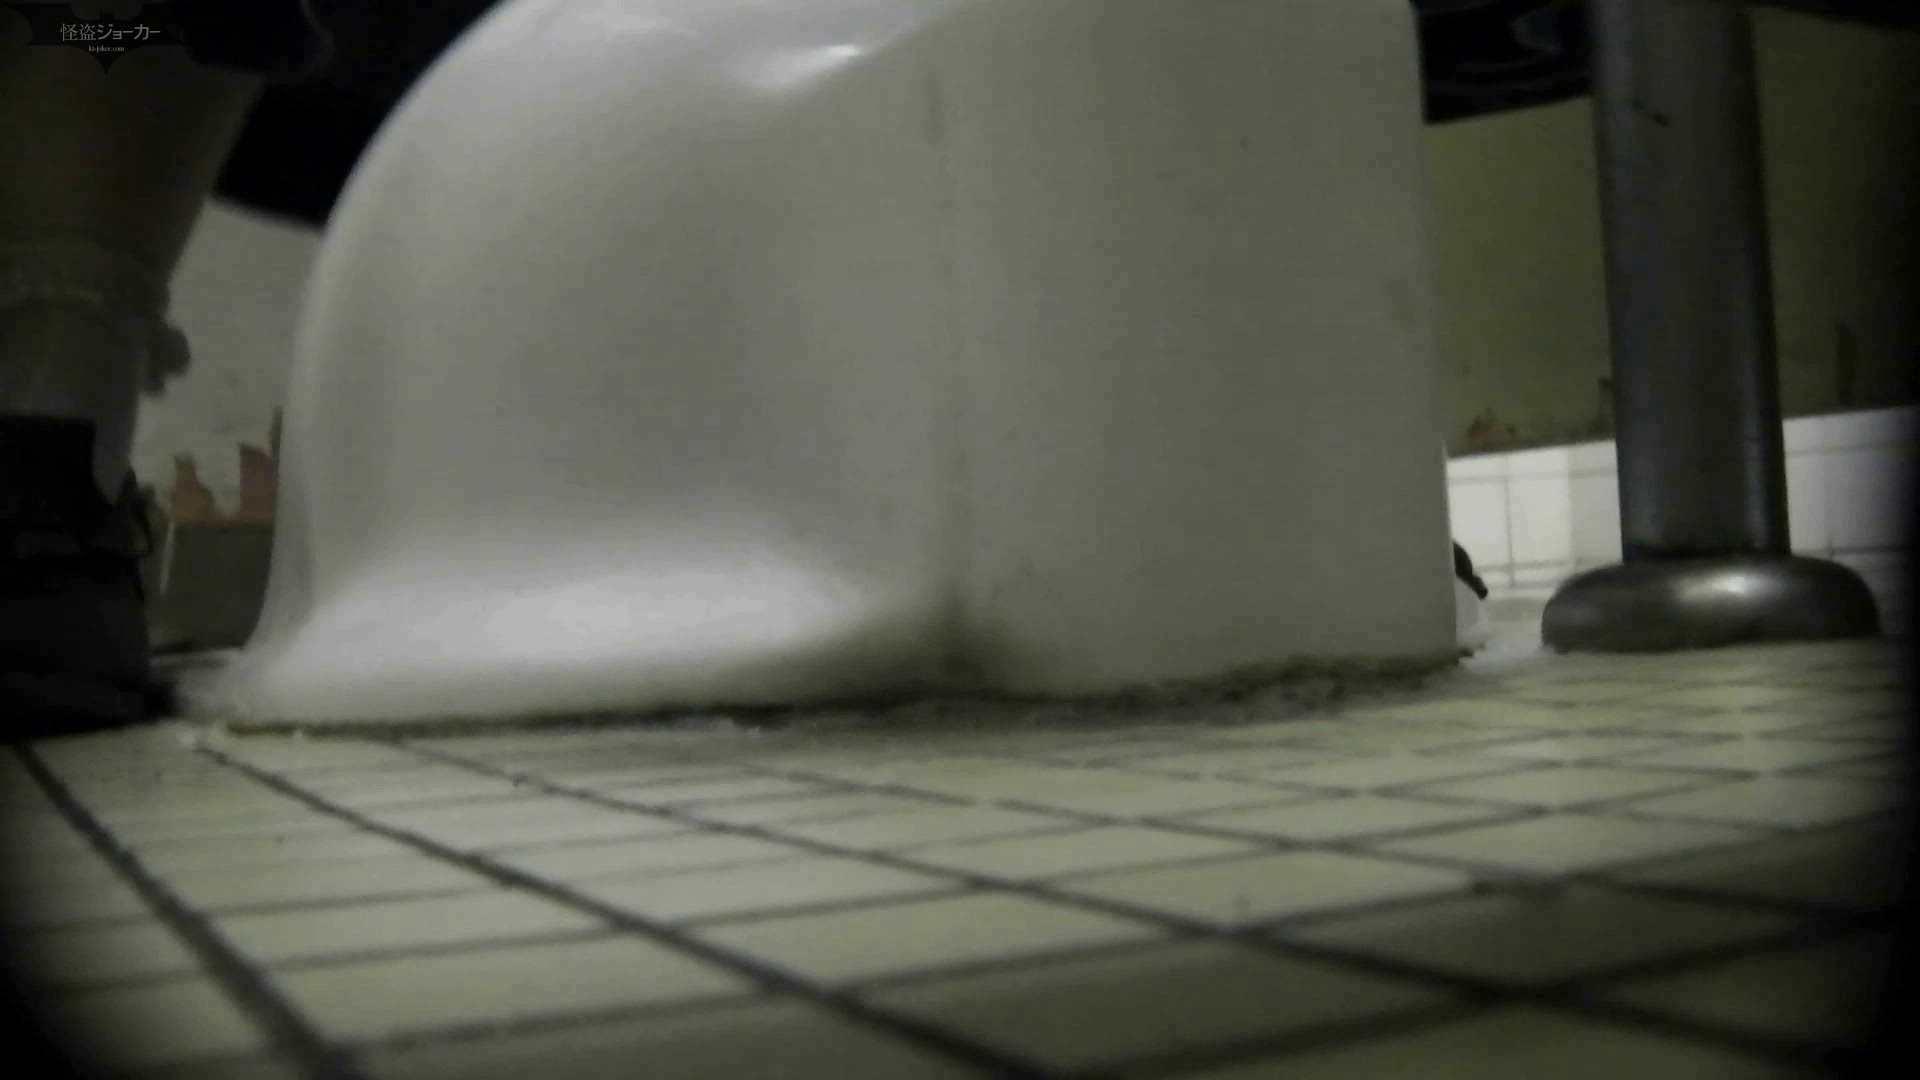 洗面所特攻隊 vol.55 おねぇたん。ちょっと緩めの大量発射! 洗面所 | OLのボディ  77PIX 67